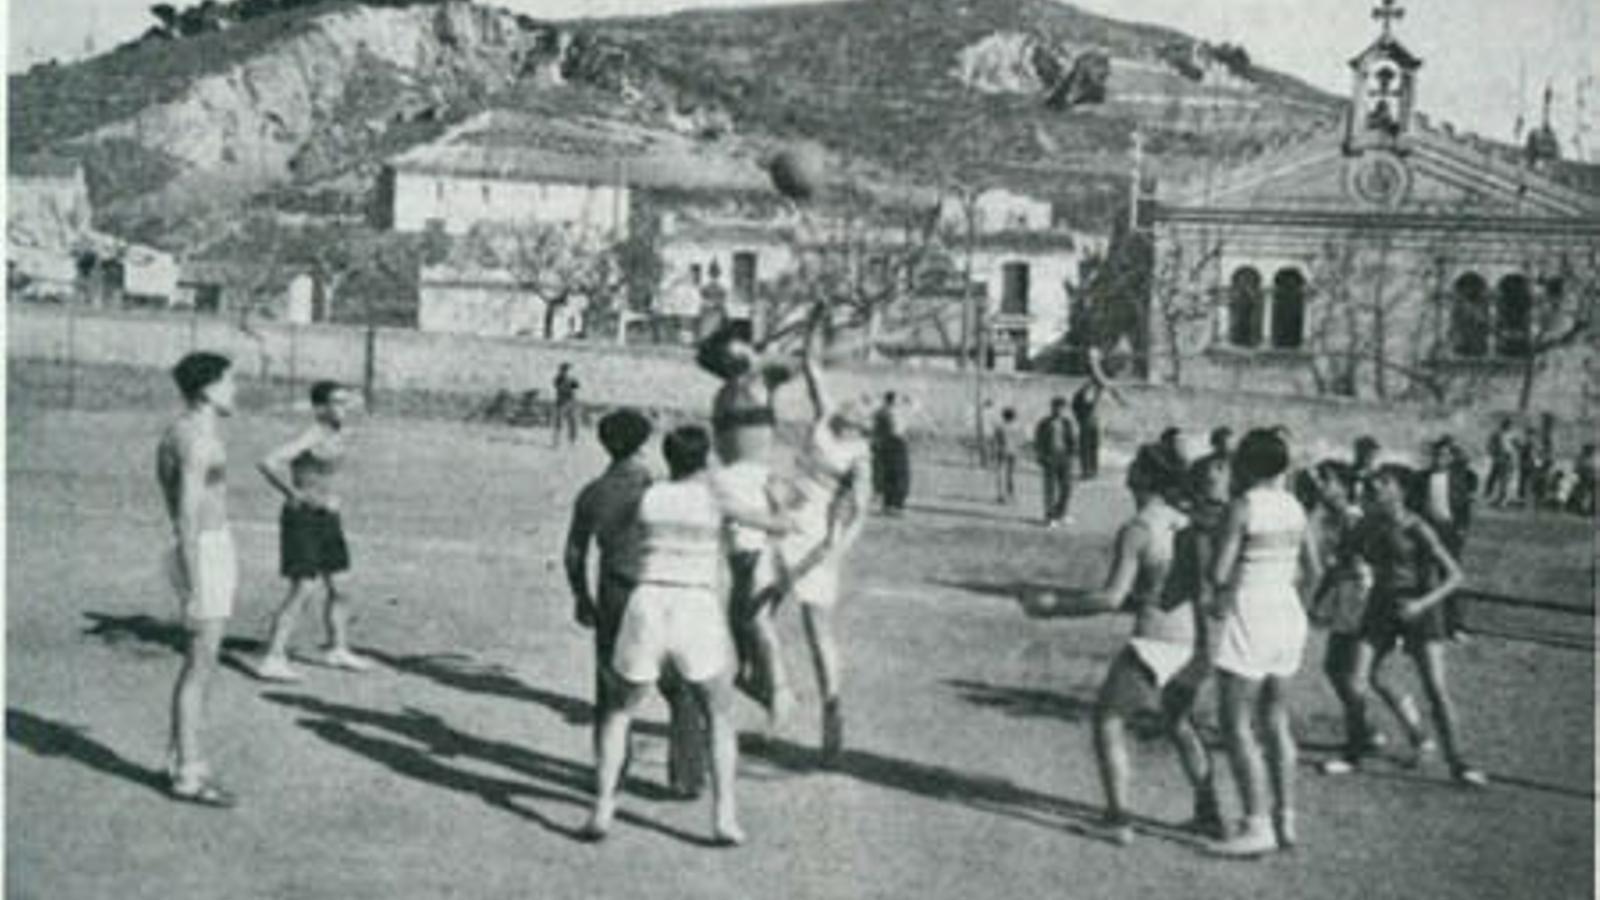 Els primers partits de la Penya Spirit of Badalona es van jugar a la intempèrie